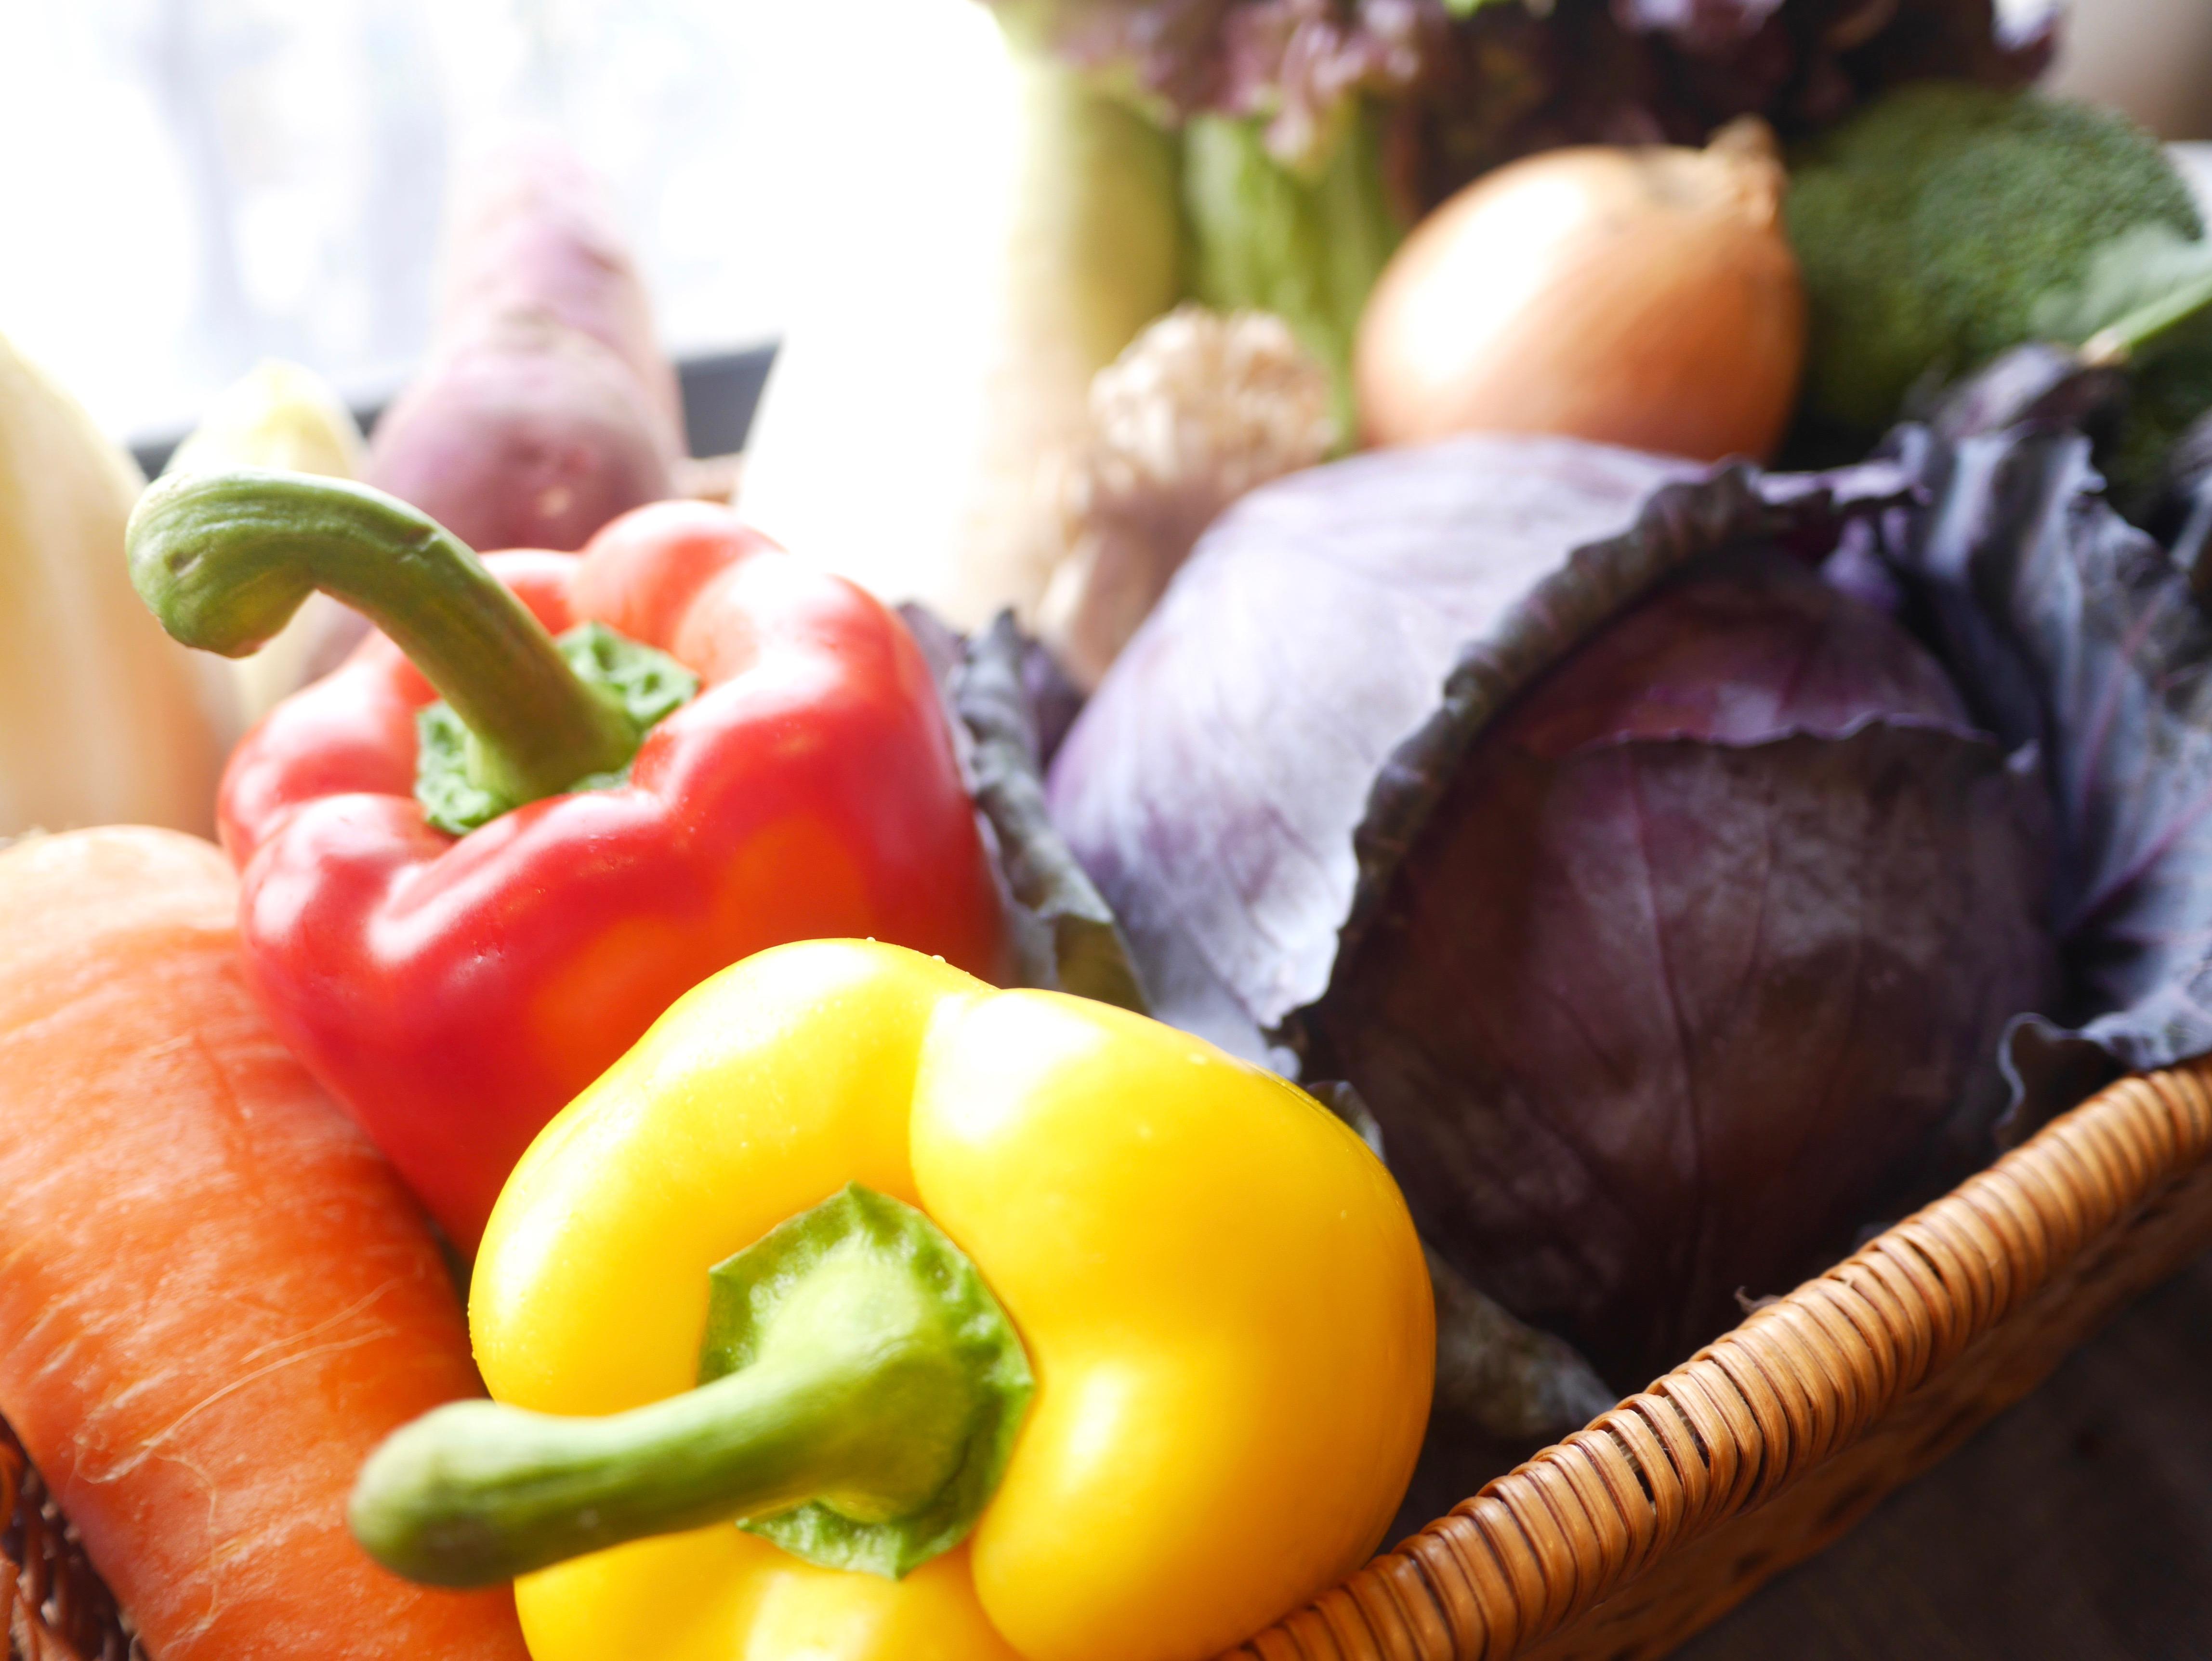 毎日届けられる新鮮な野菜